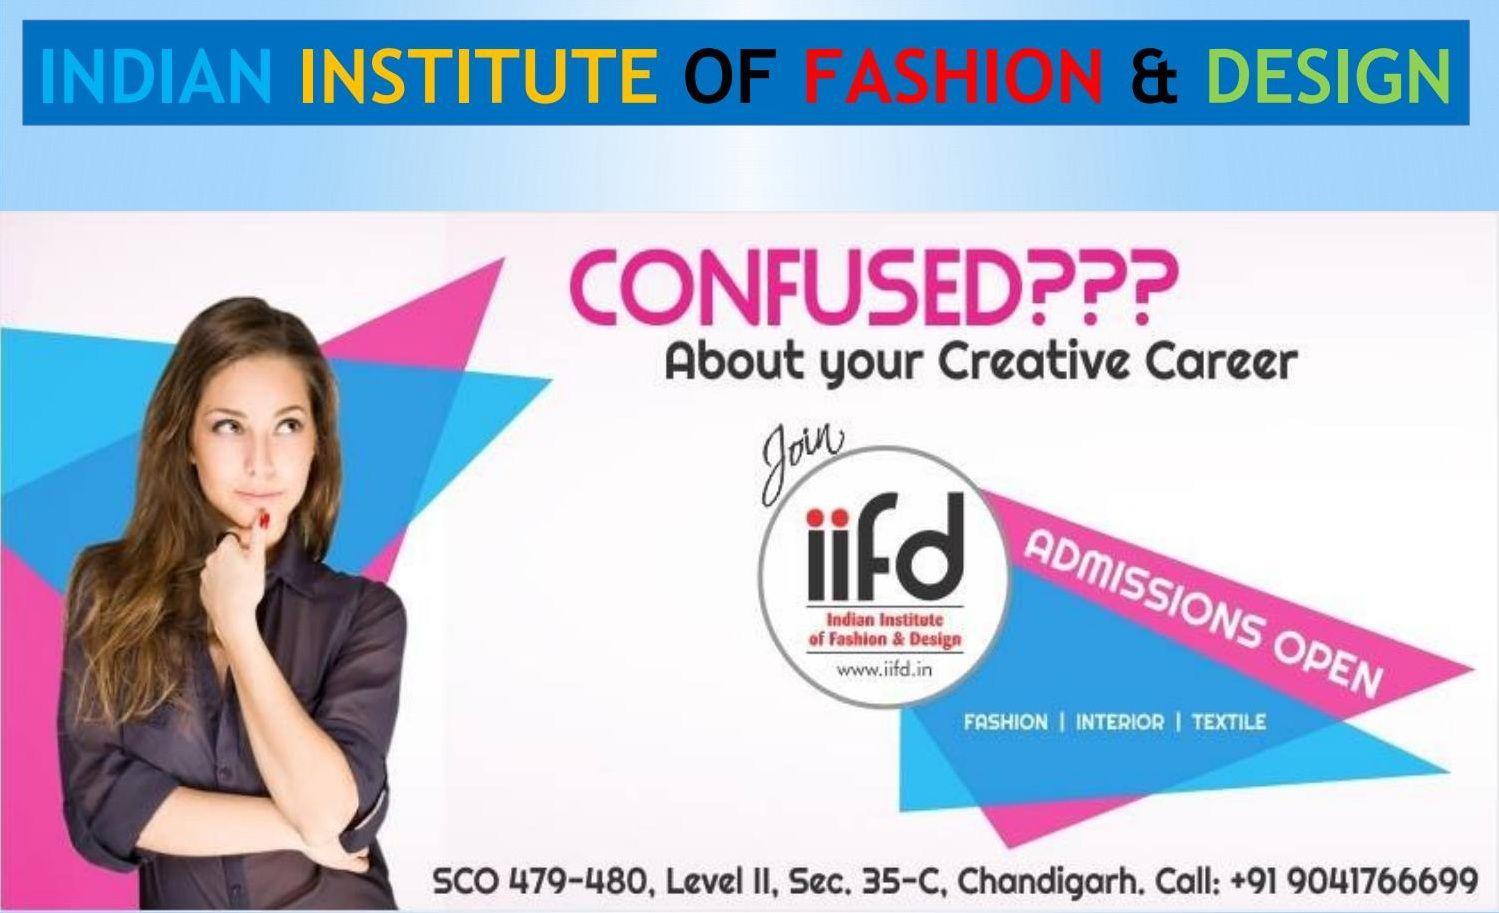 Iifd Admission 2019 20 Textile Design Courses Fashion Designing Course Fashion Designing Institute